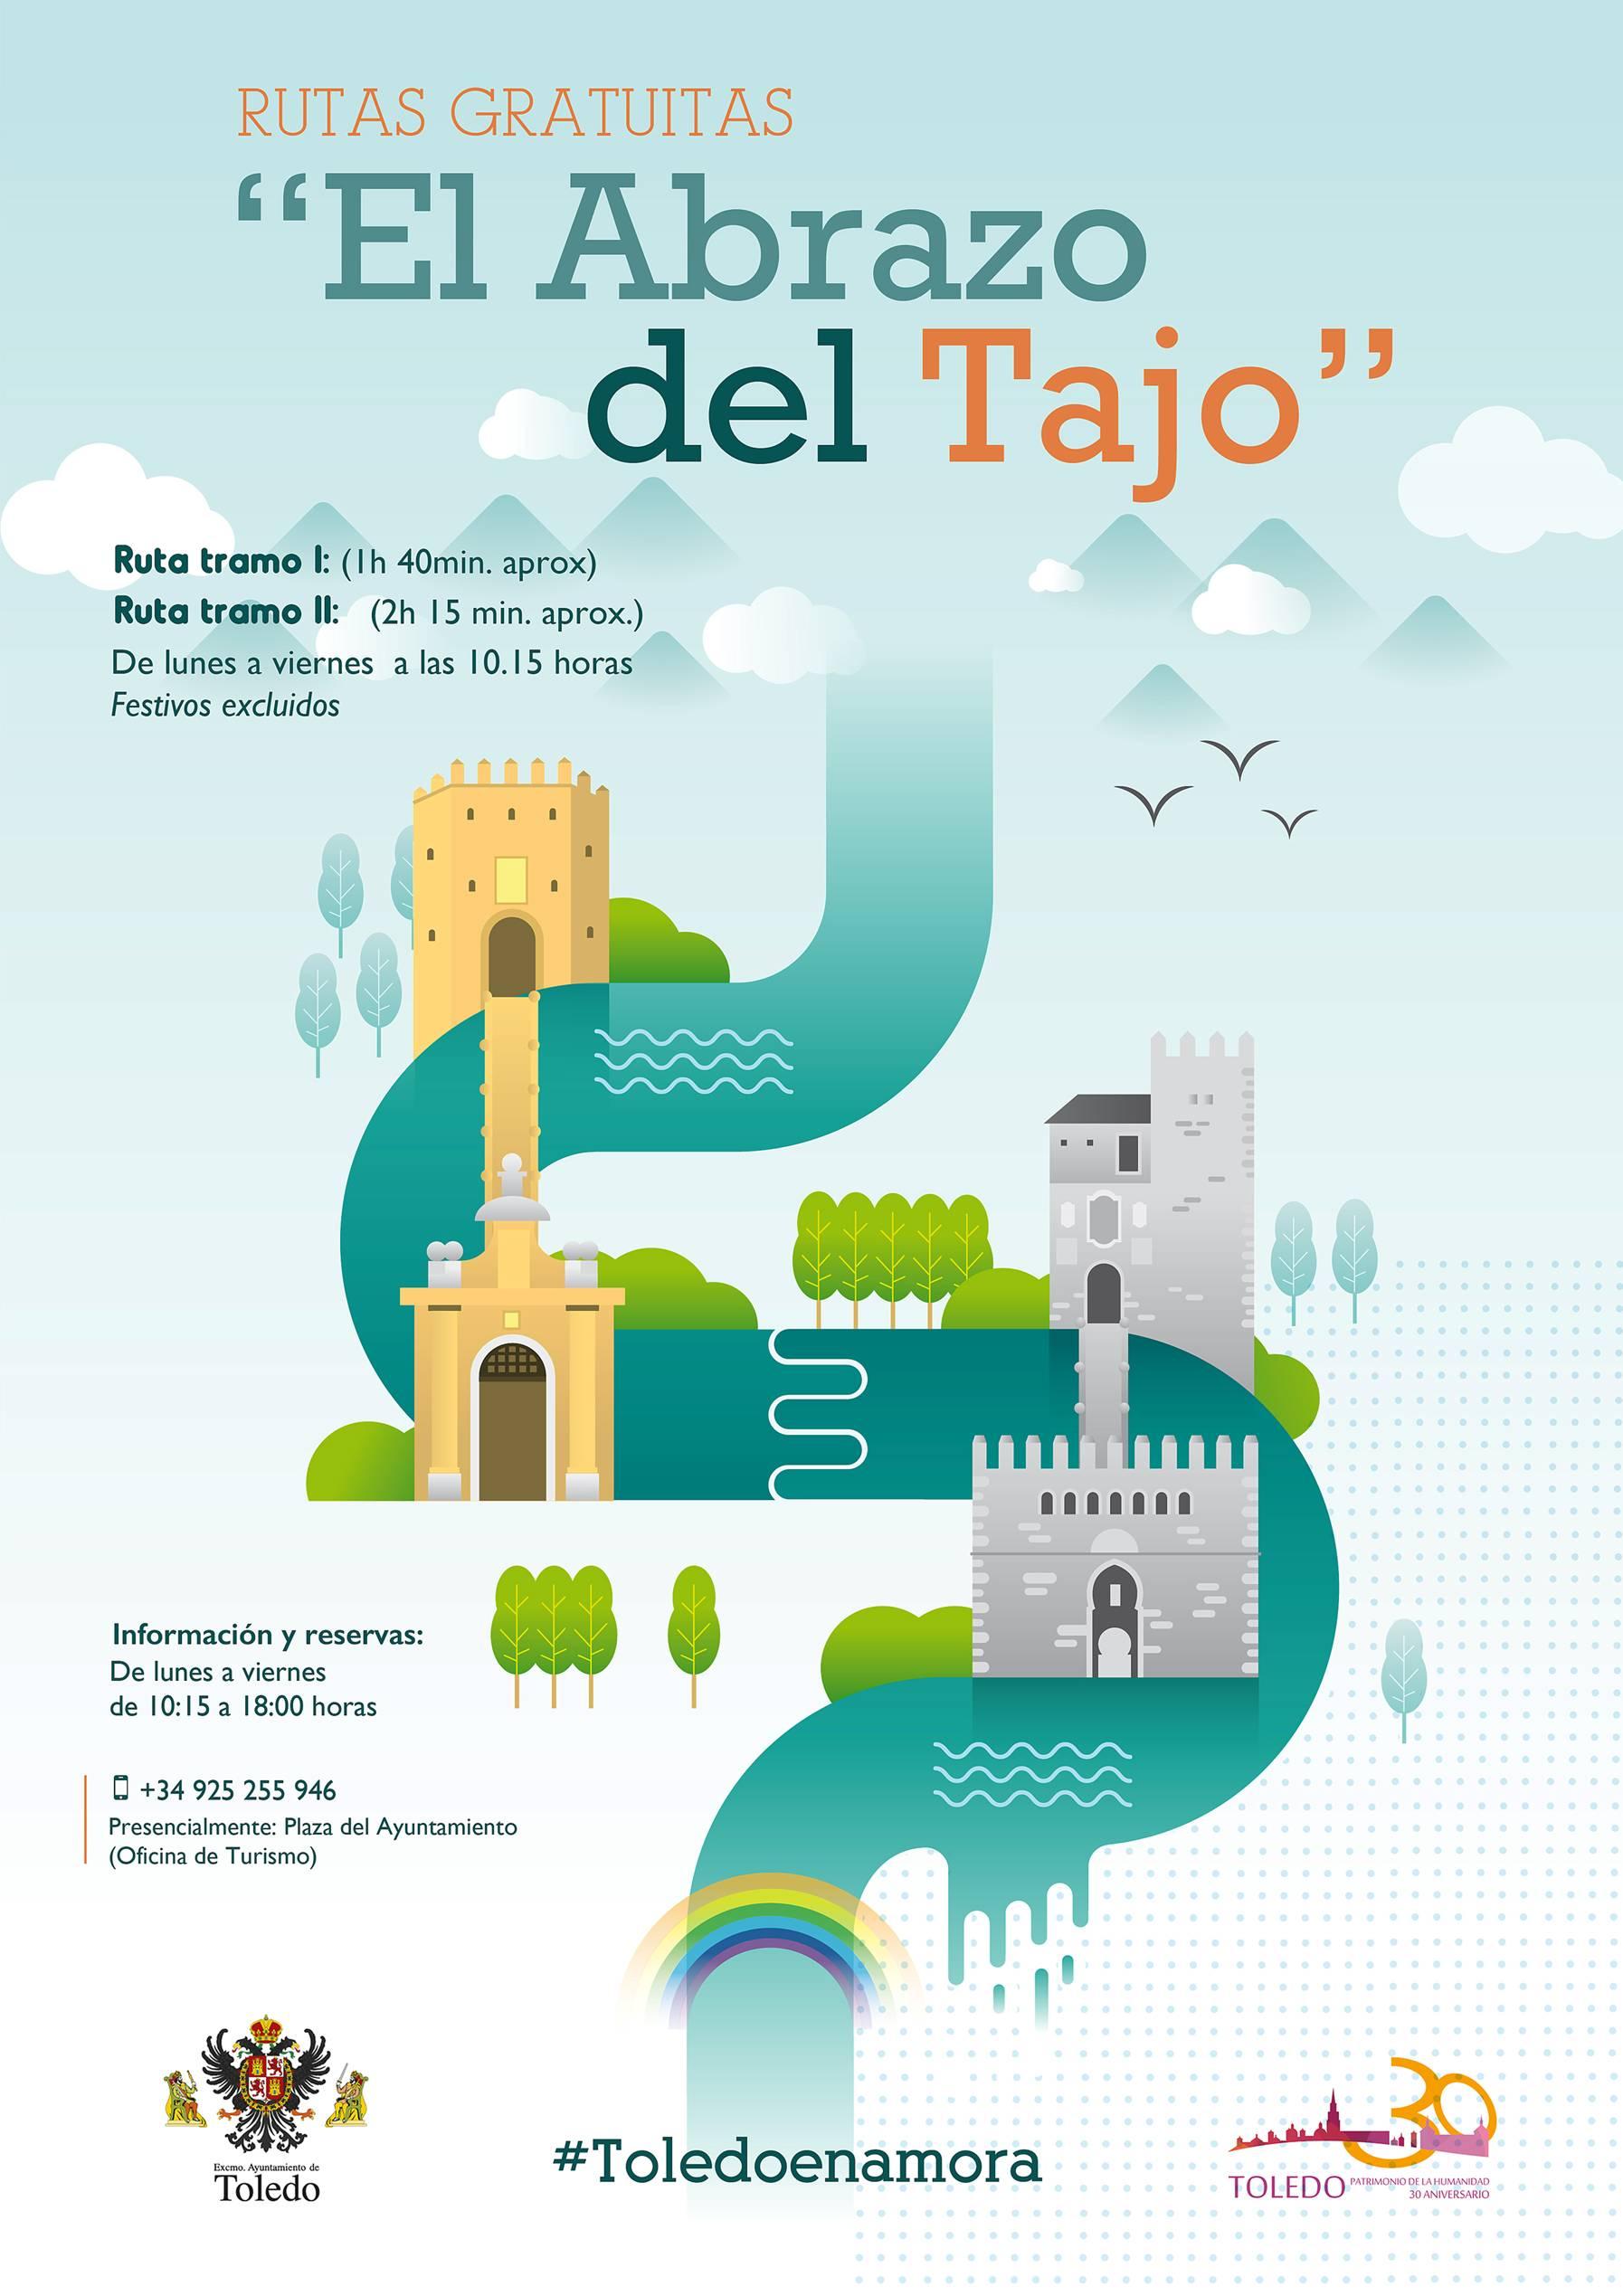 Cartel informativo de las rutas 'El Abrazo del Tajo'